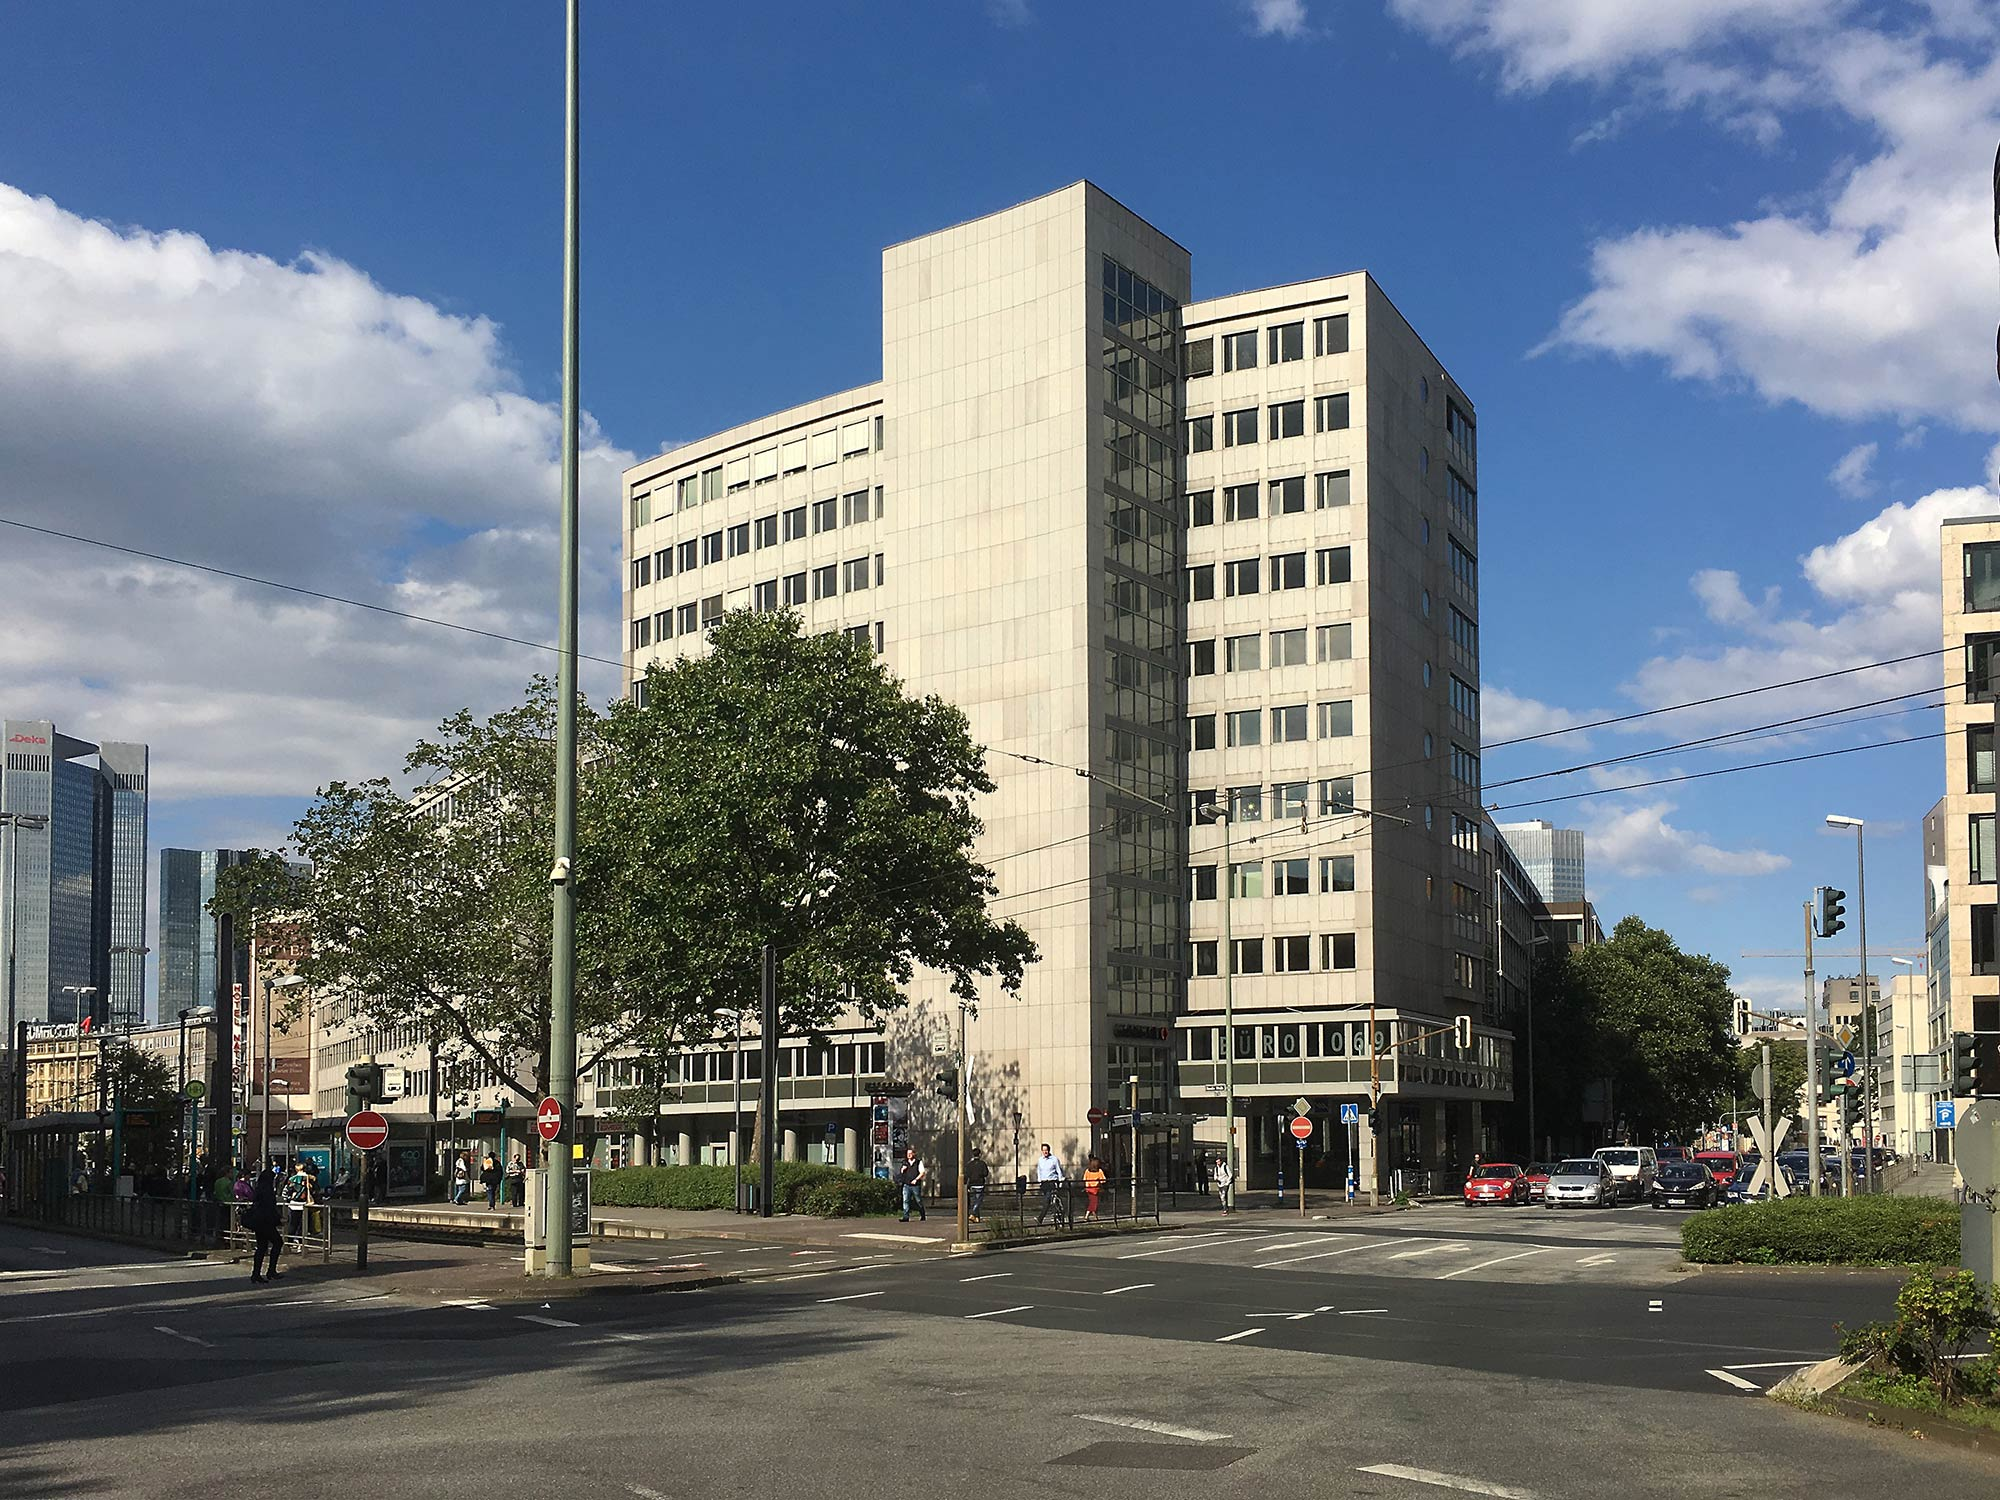 Baseler Straße 46-48 Frankfurt am Main - Bürohaus gekauft von Quest Investment Partners und Competo vo Peackside Capital